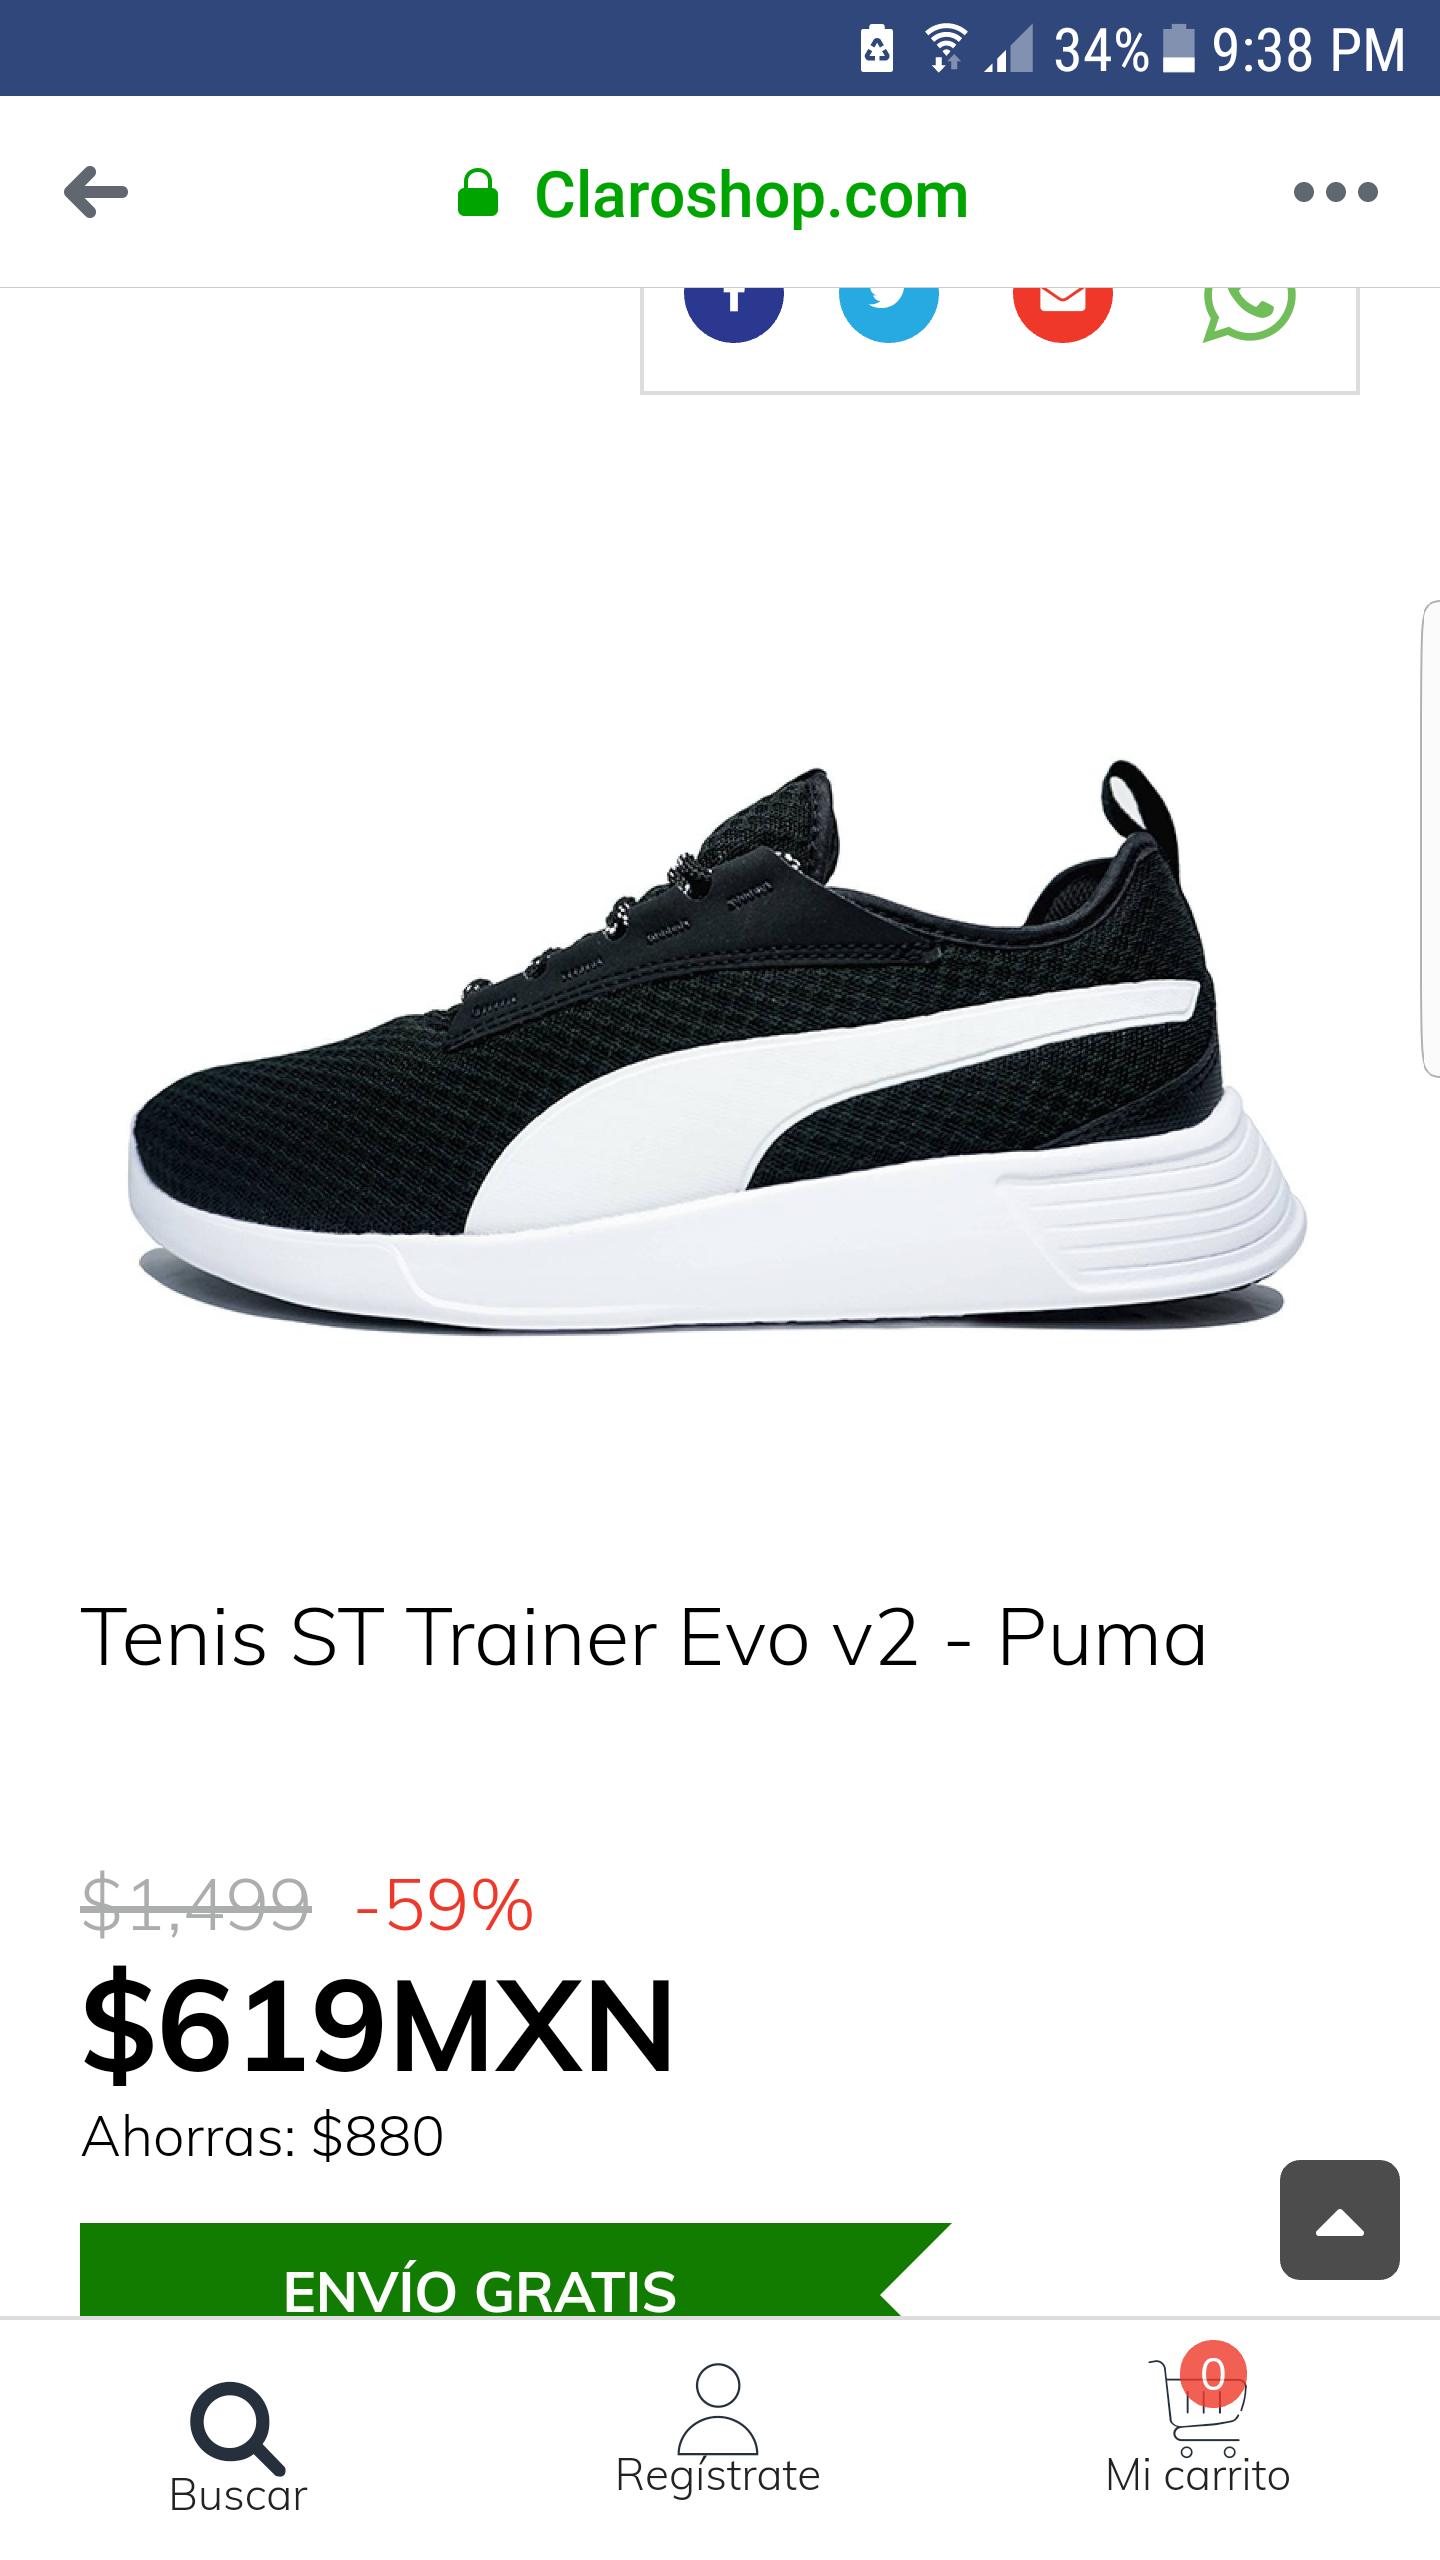 Claro Shop: Tenis puma con envio gratis